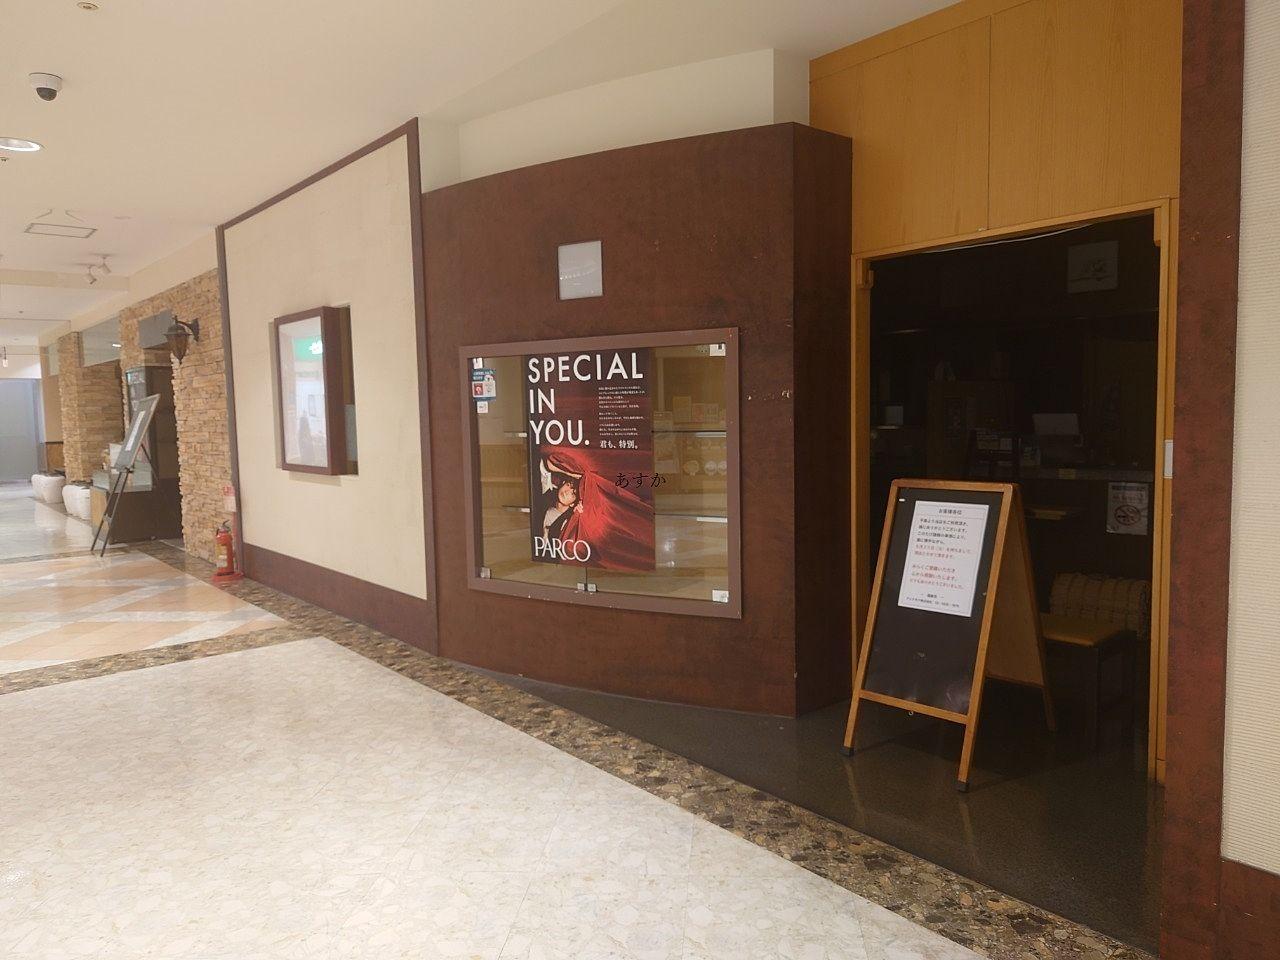 ひばりが丘パルコのレストランが次々閉店。